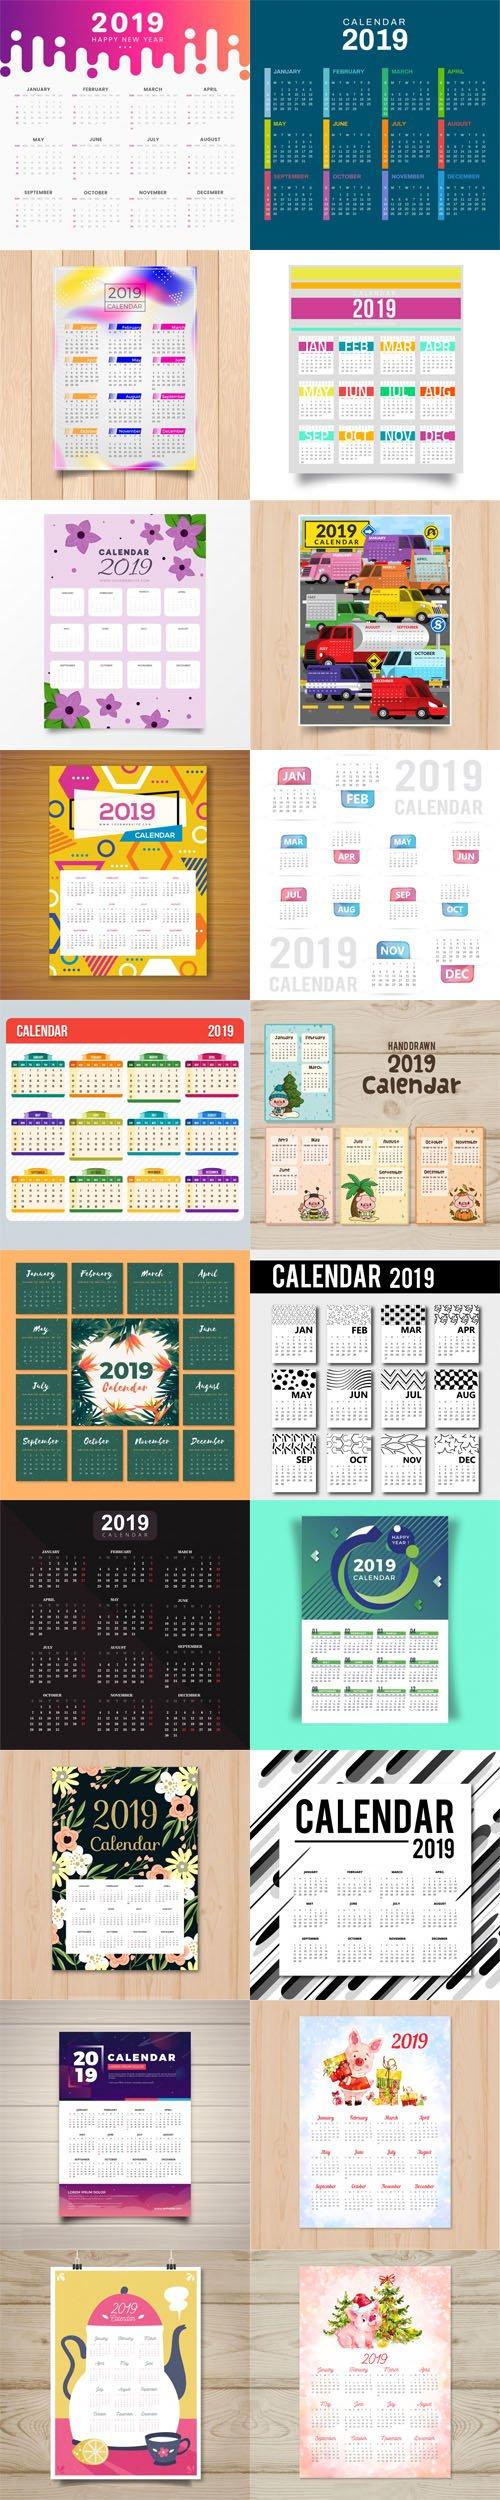 2019 Calendar Vector Templates Collection 7  [20 Calendars]